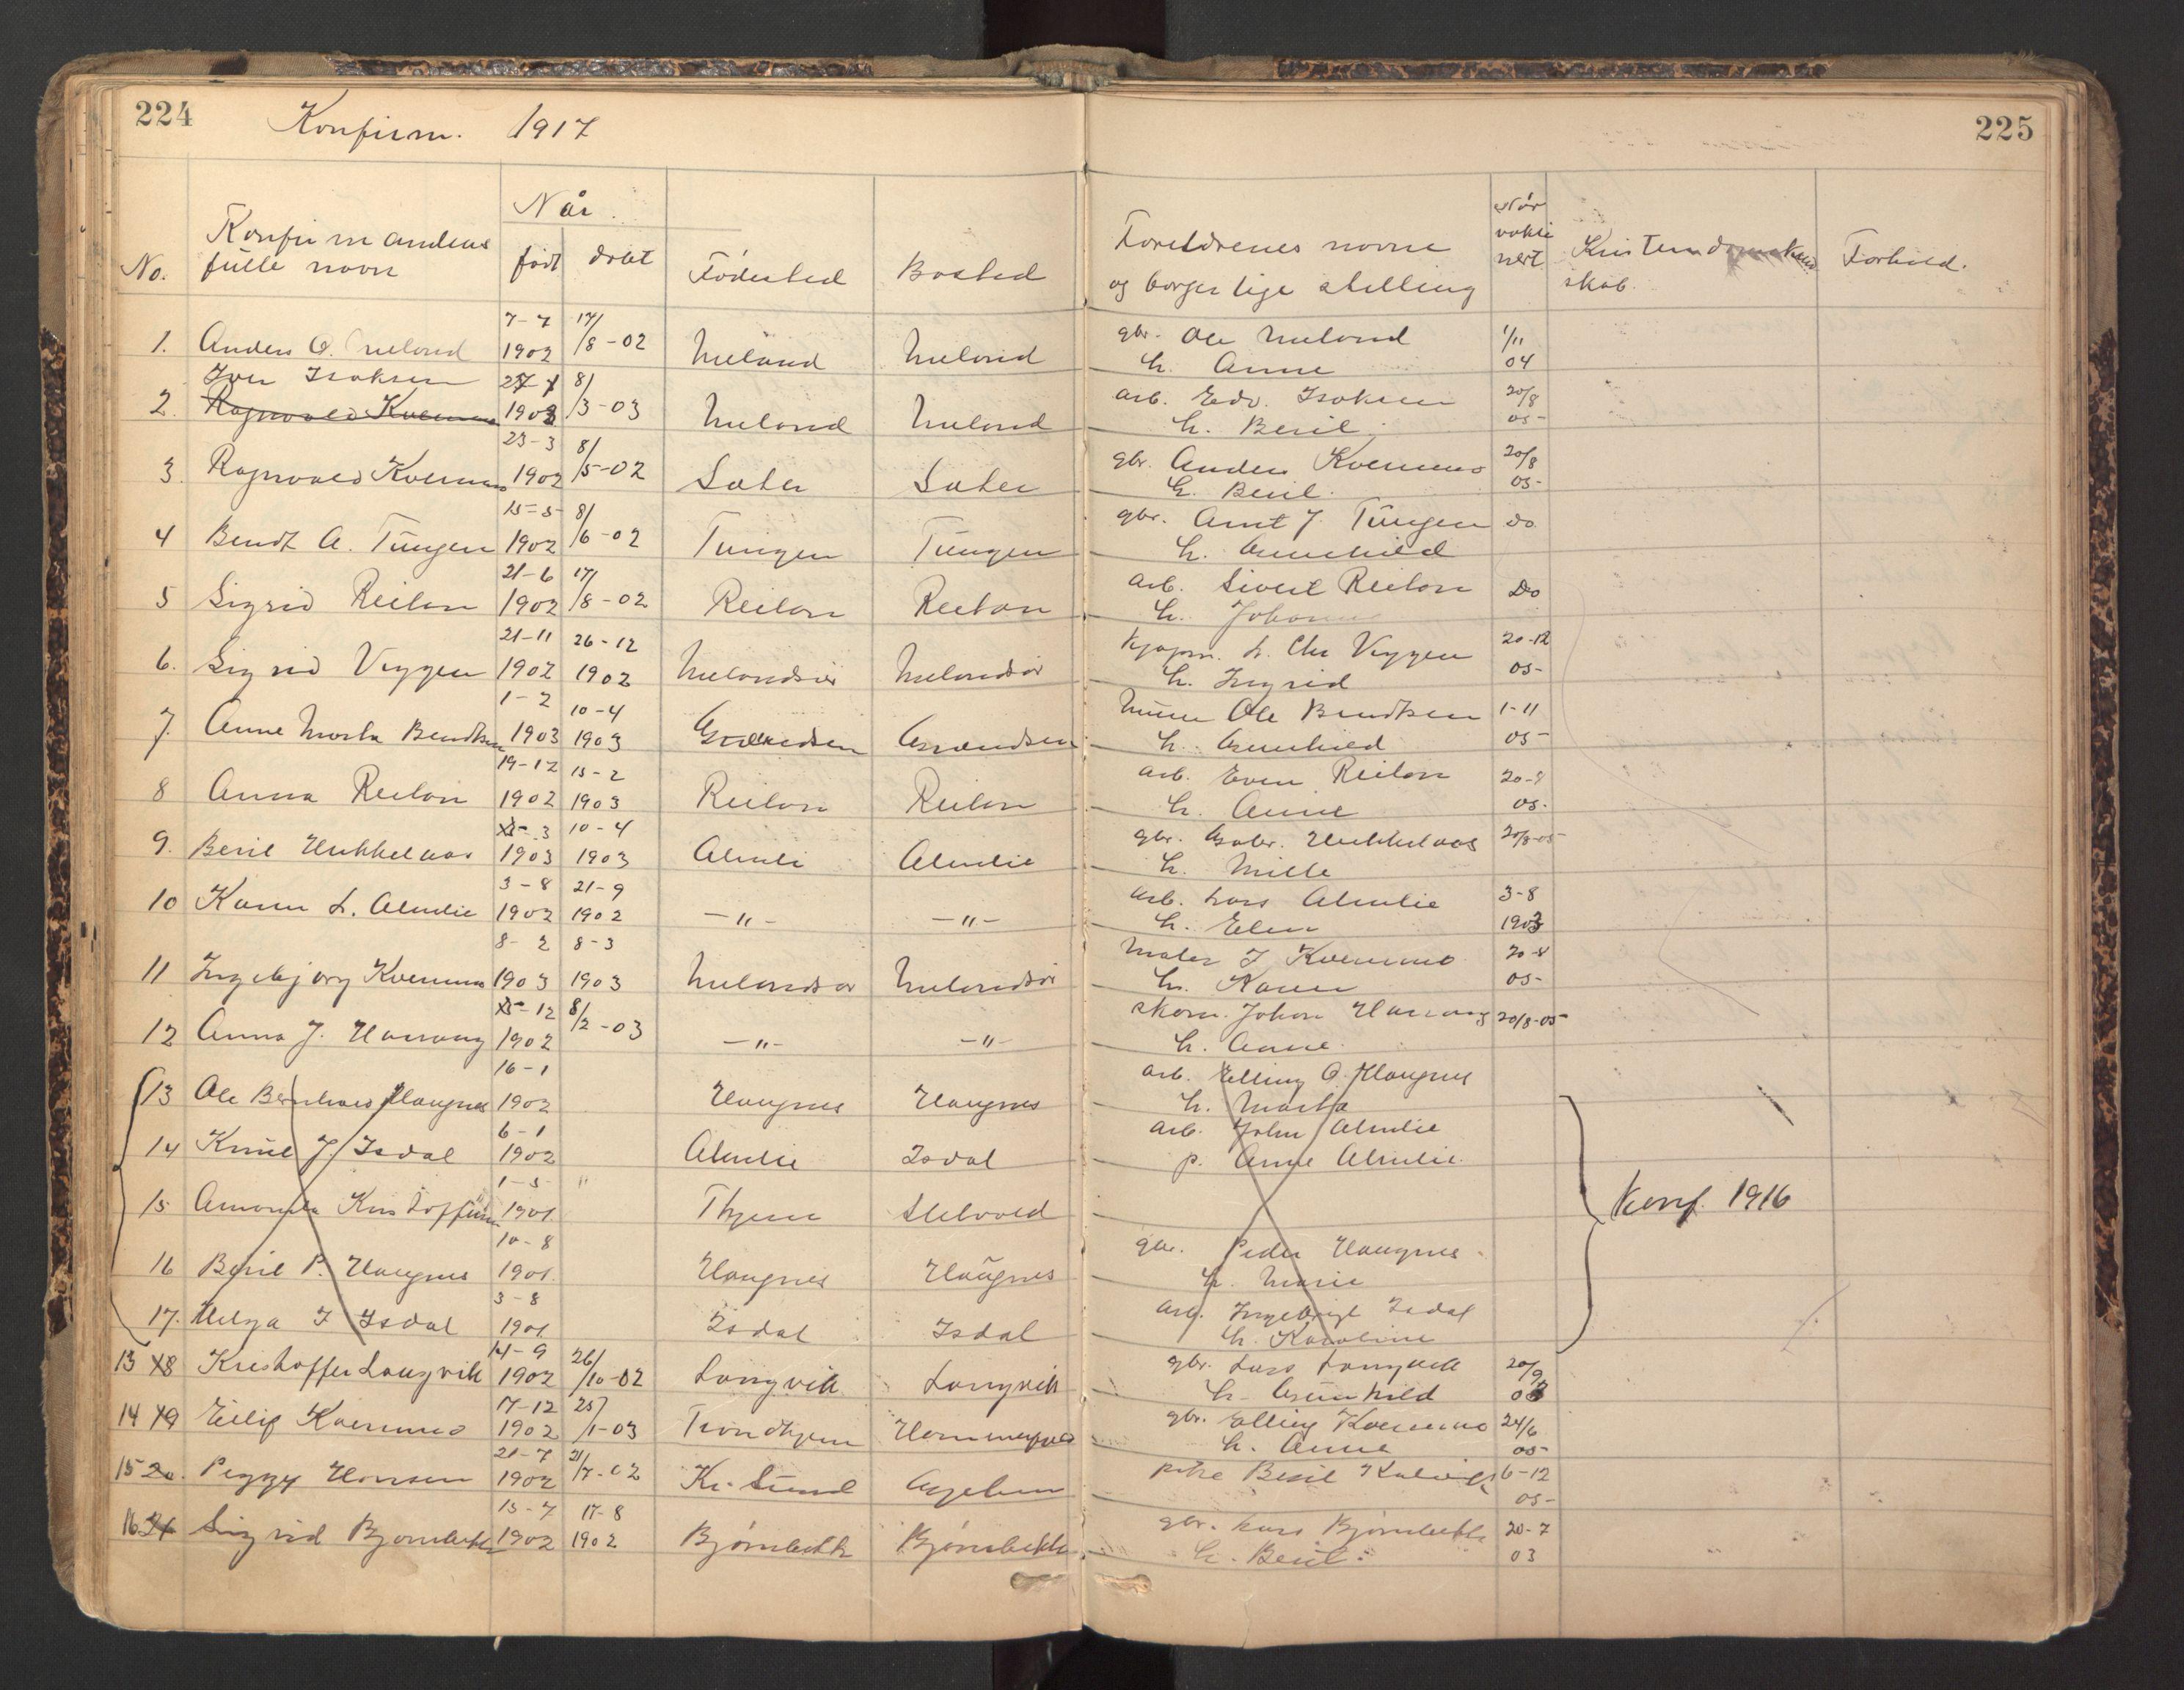 SAT, Ministerialprotokoller, klokkerbøker og fødselsregistre - Sør-Trøndelag, 670/L0837: Klokkerbok nr. 670C01, 1905-1946, s. 224-225